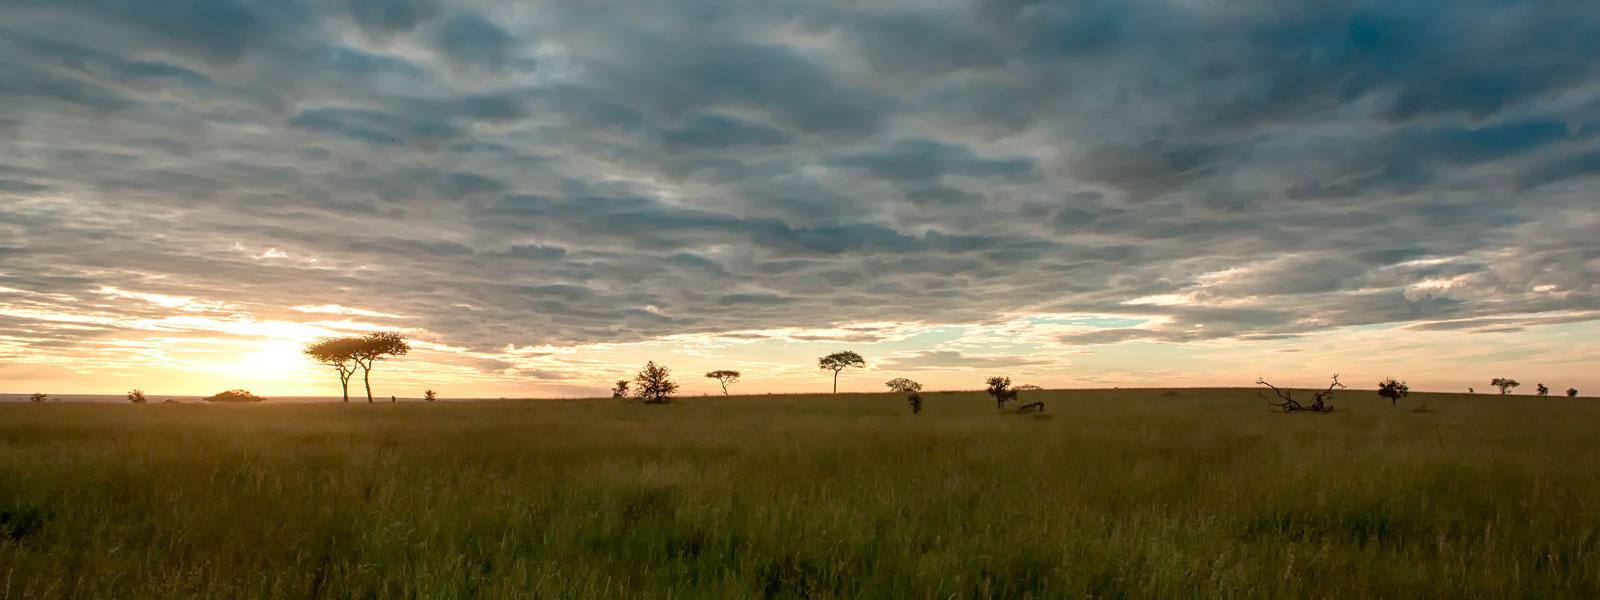 Srengeti-1600-x-600_SFW